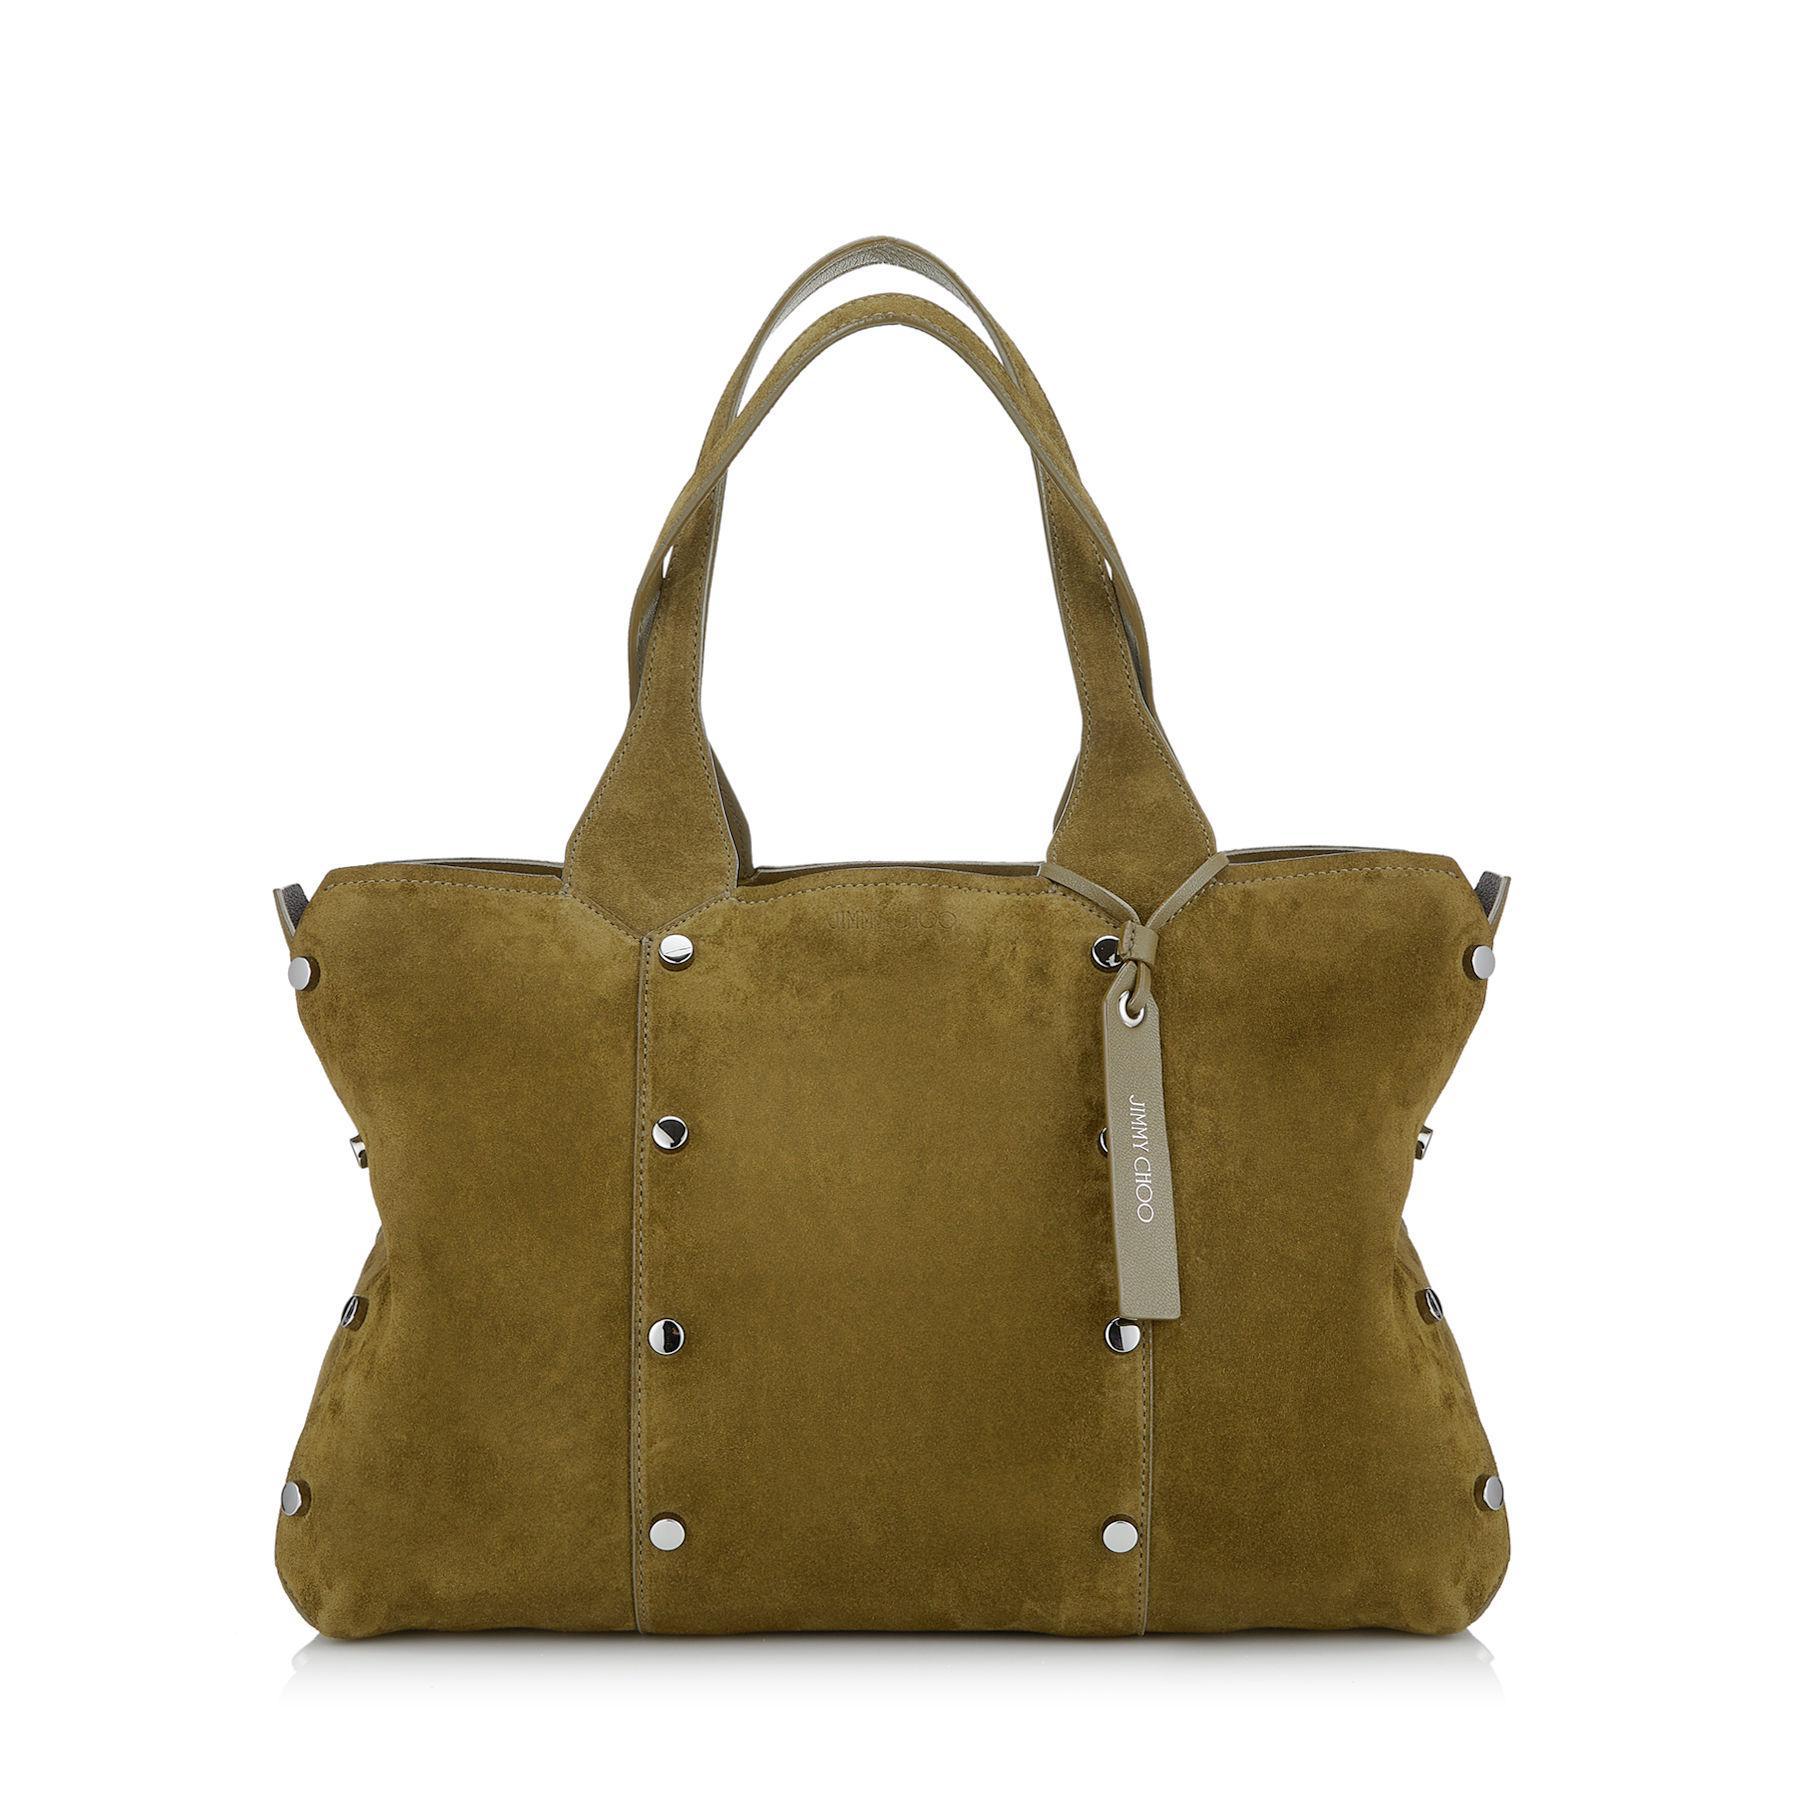 Lockett zipped Shopper S Jimmy Choo London k1fo1KYtKO